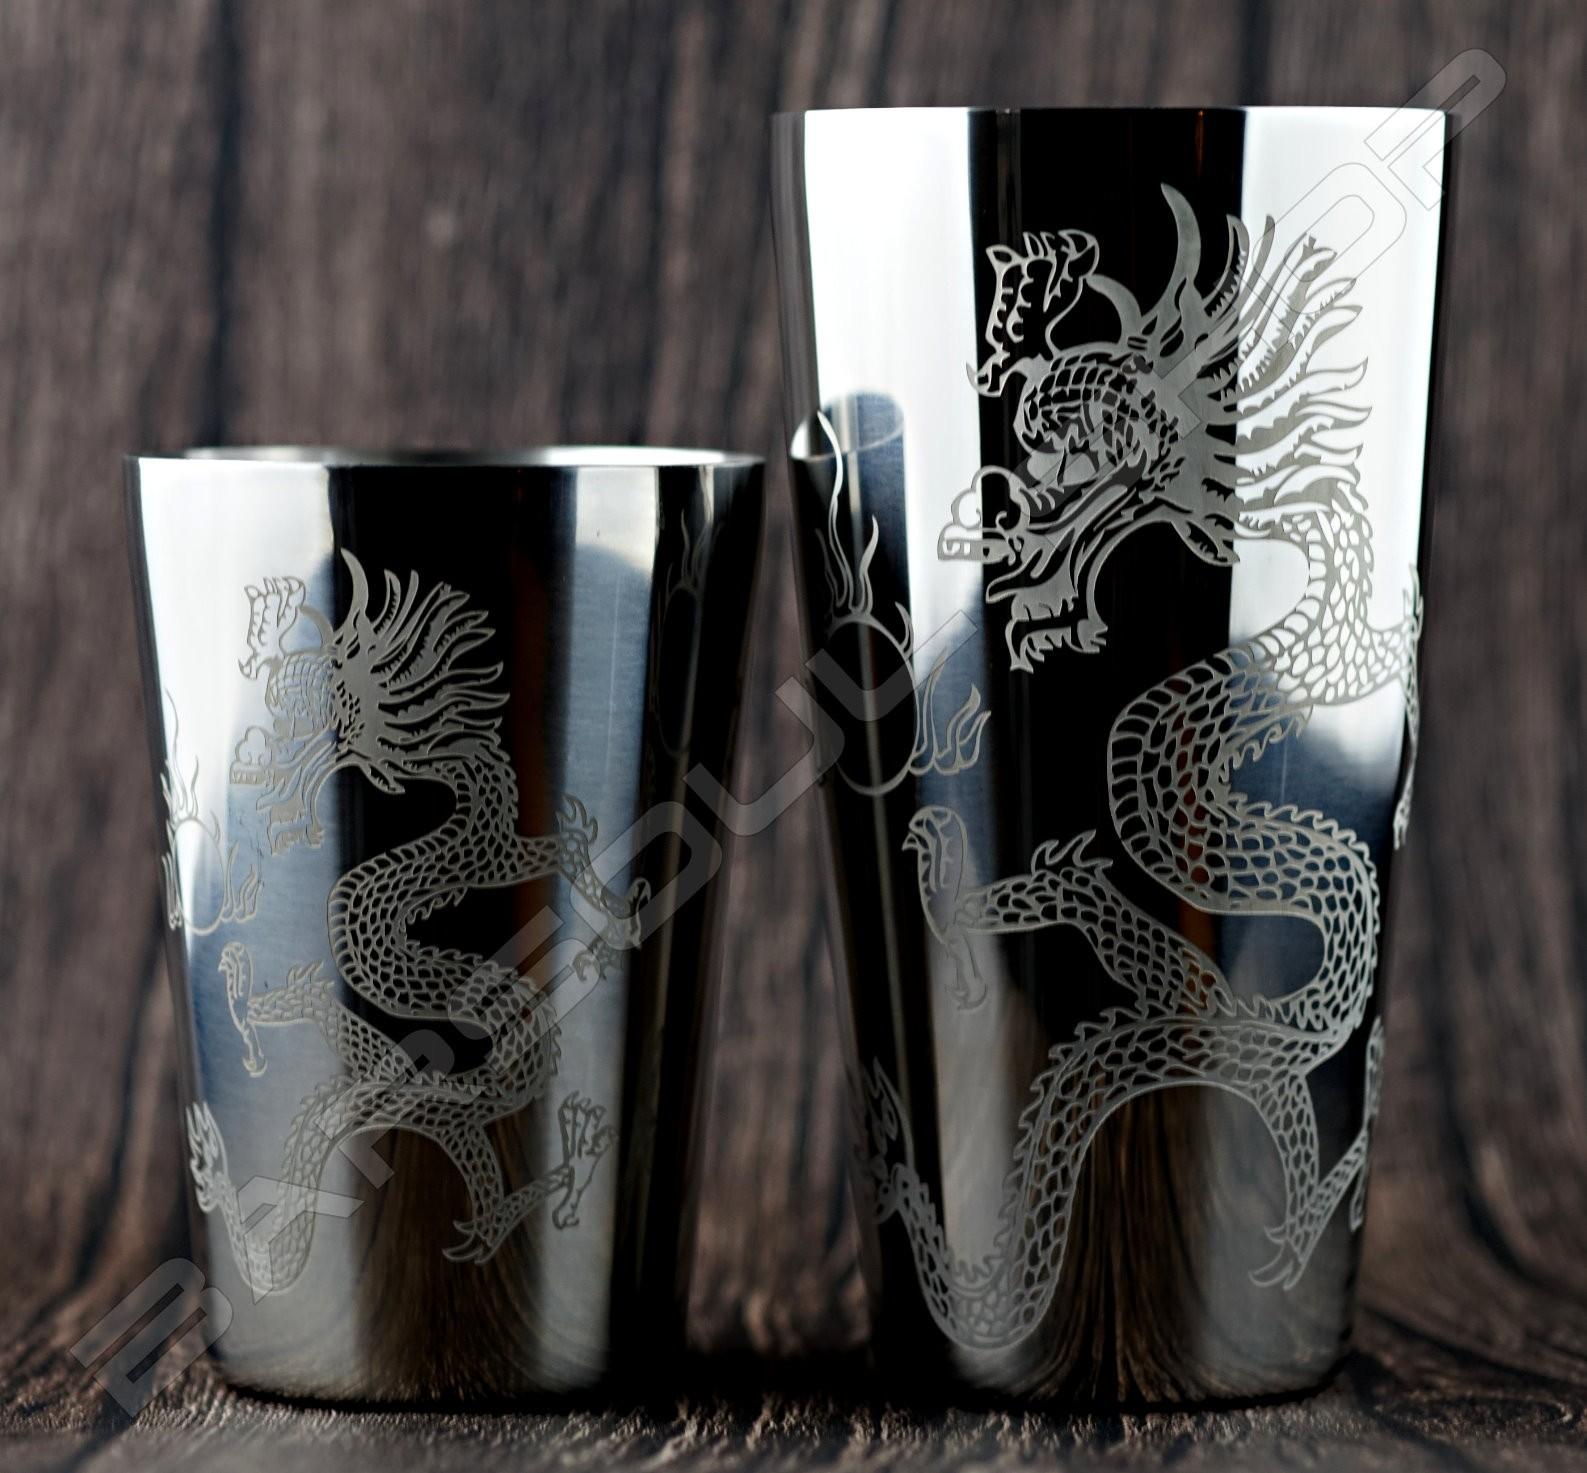 二節式龍騰波士頓shaker組(銀) Boston shaker set(silver)